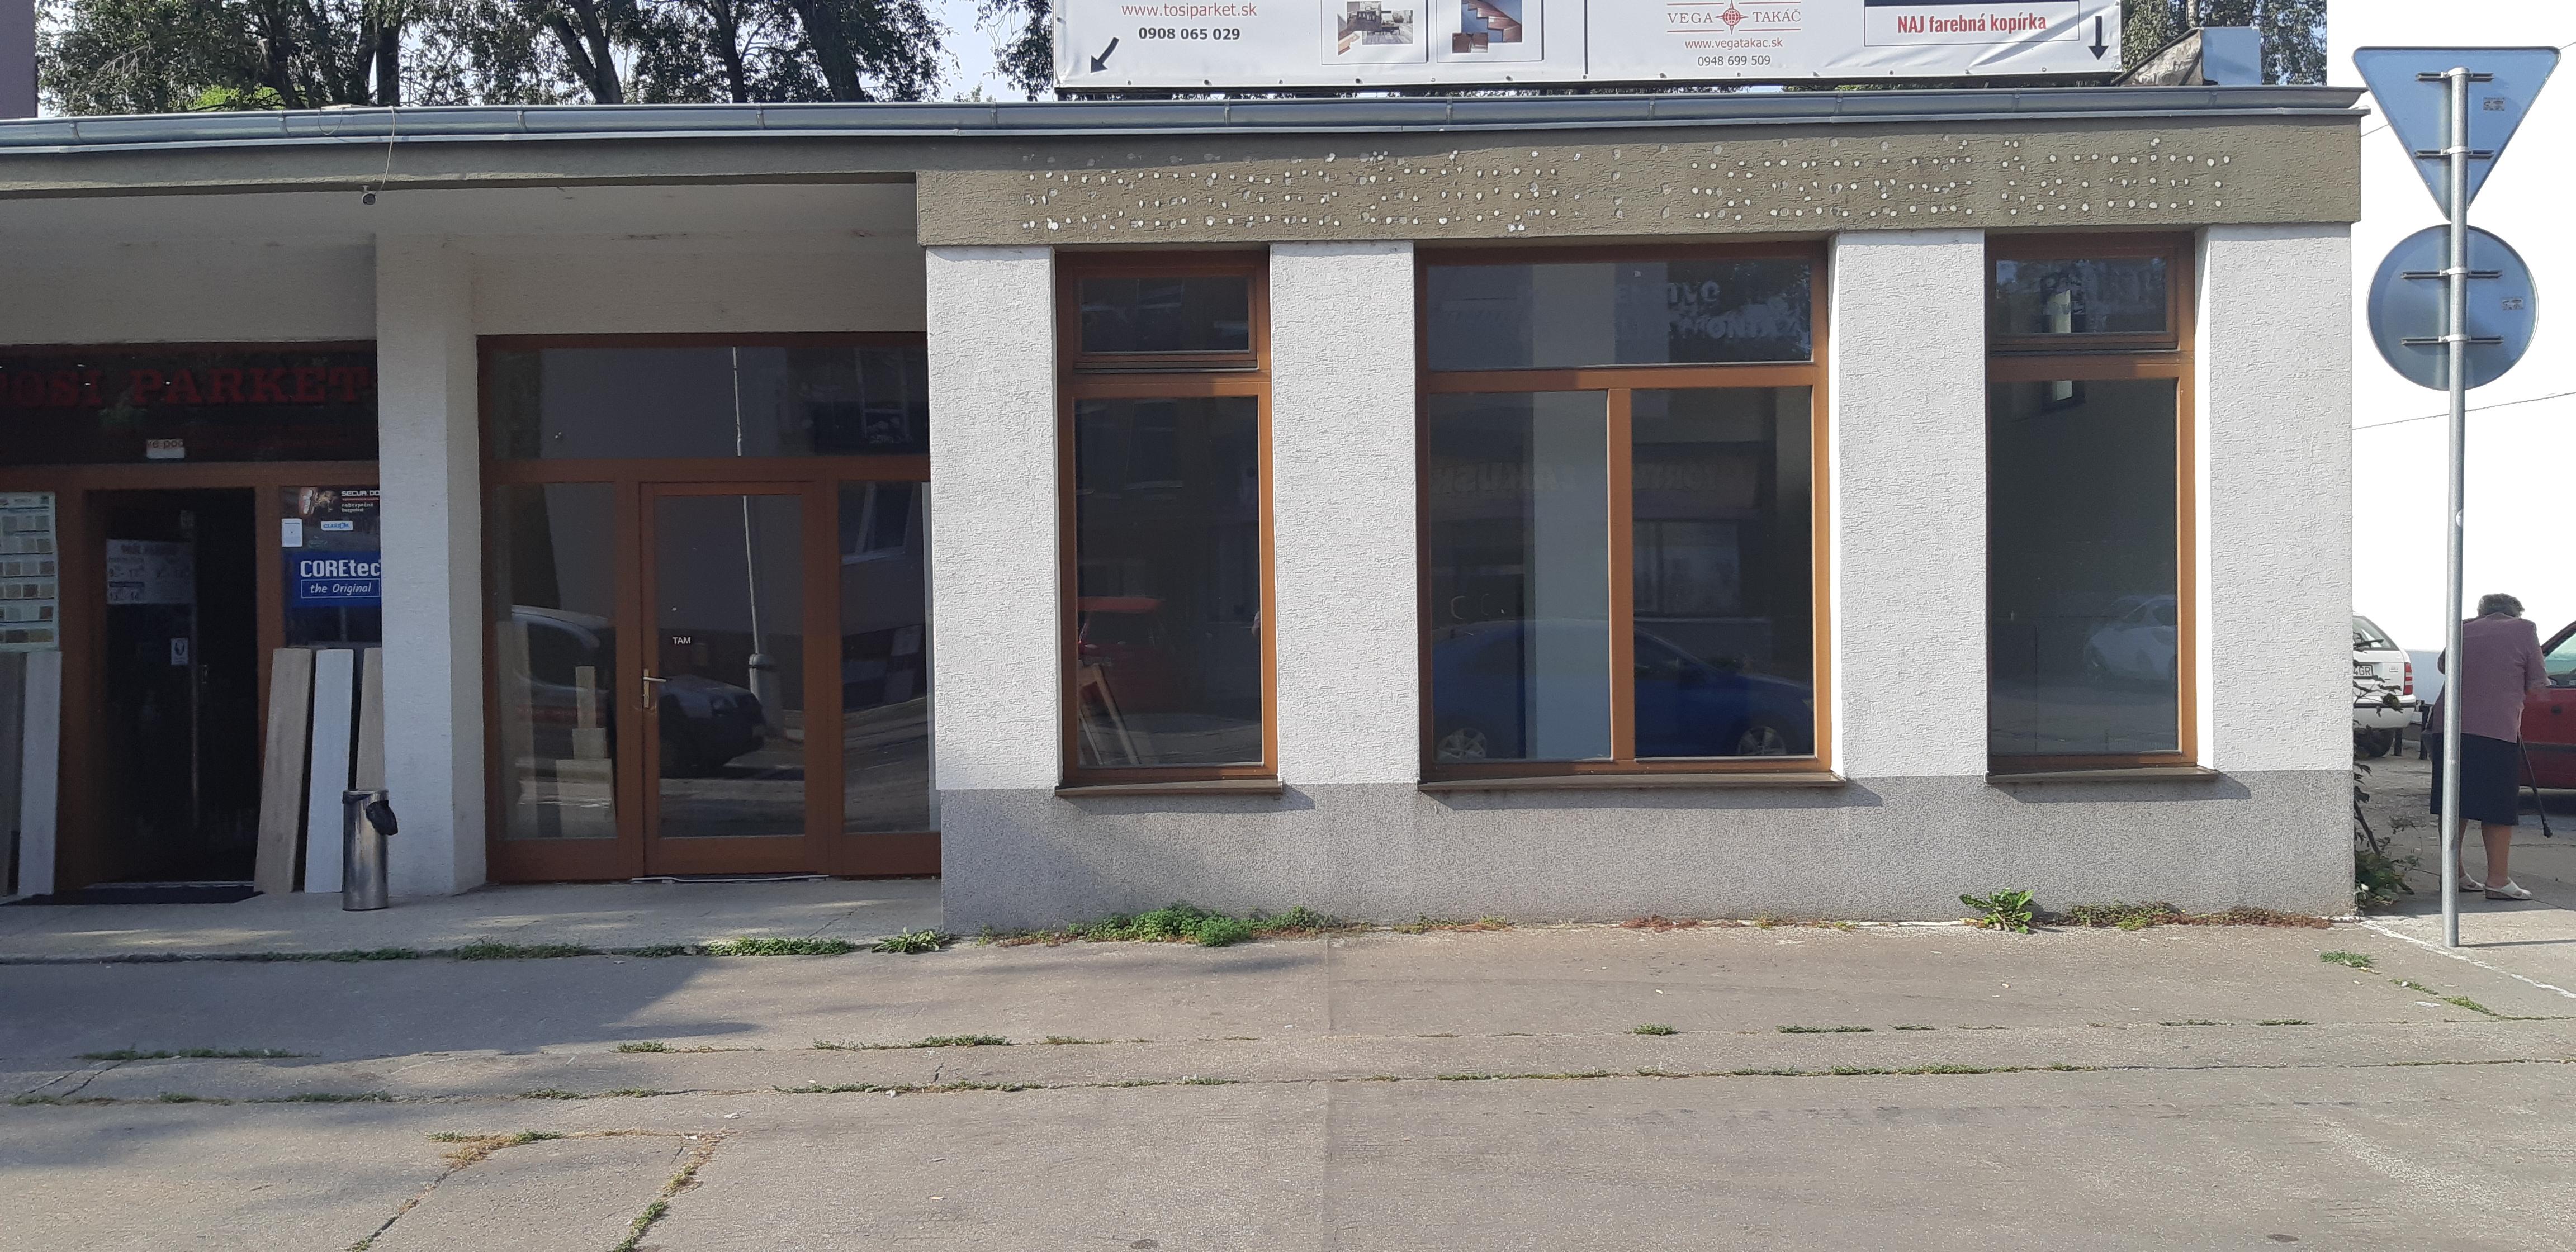 Na prenájom obchodný priestor Šaľa /Budovateľská ulica/